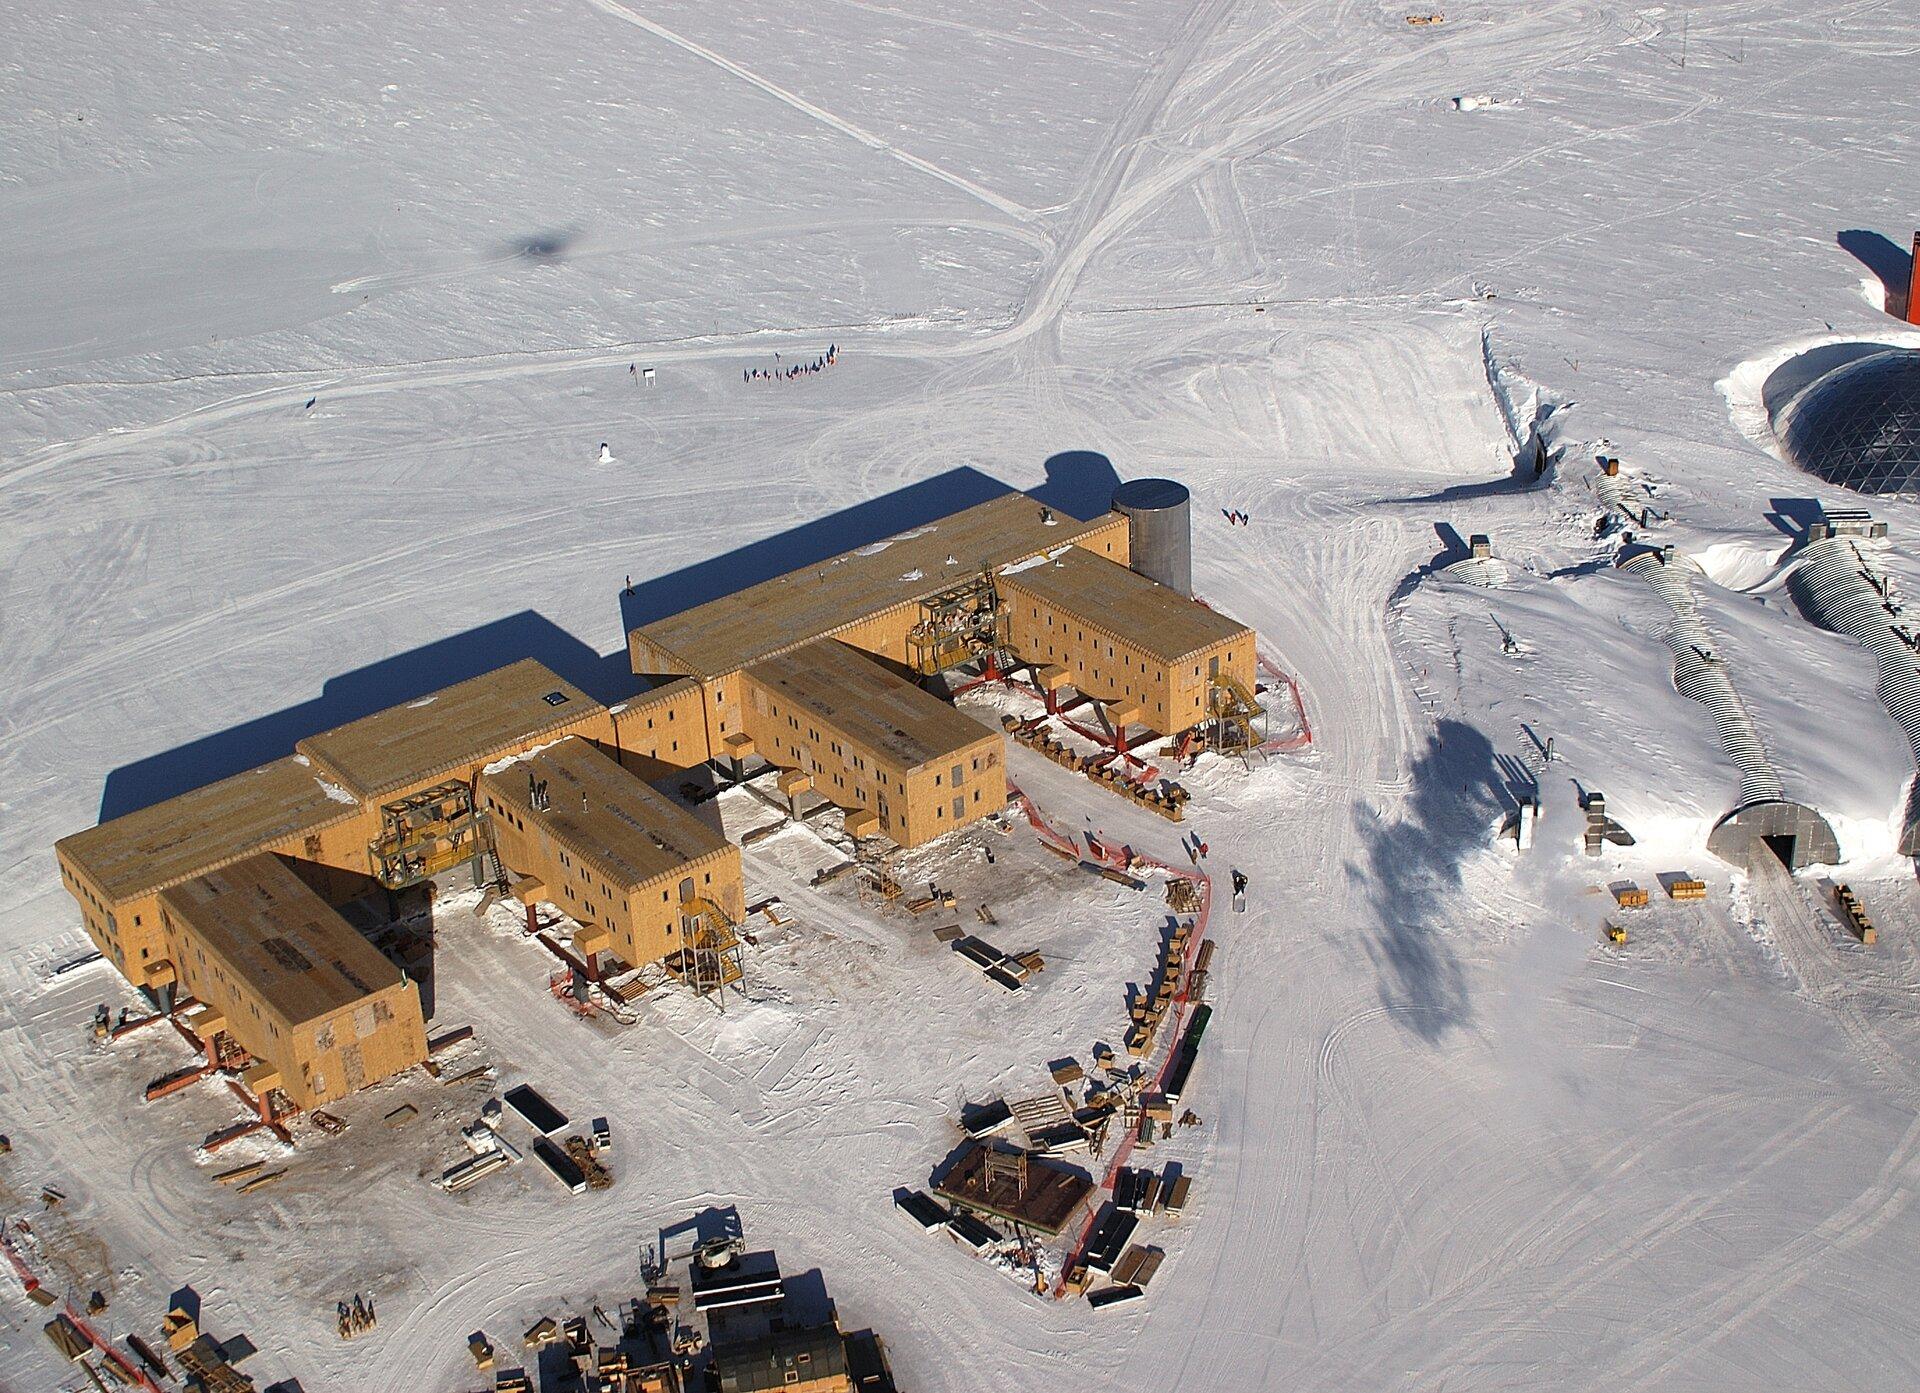 Na zdjęciu lotniczym kompleks kilku jednopiętrowych budynków na ośnieżonym terenie. Zprawej strony trzy zabudowania okształcie półokrągłych tuneli przysypane śniegiem po dach.